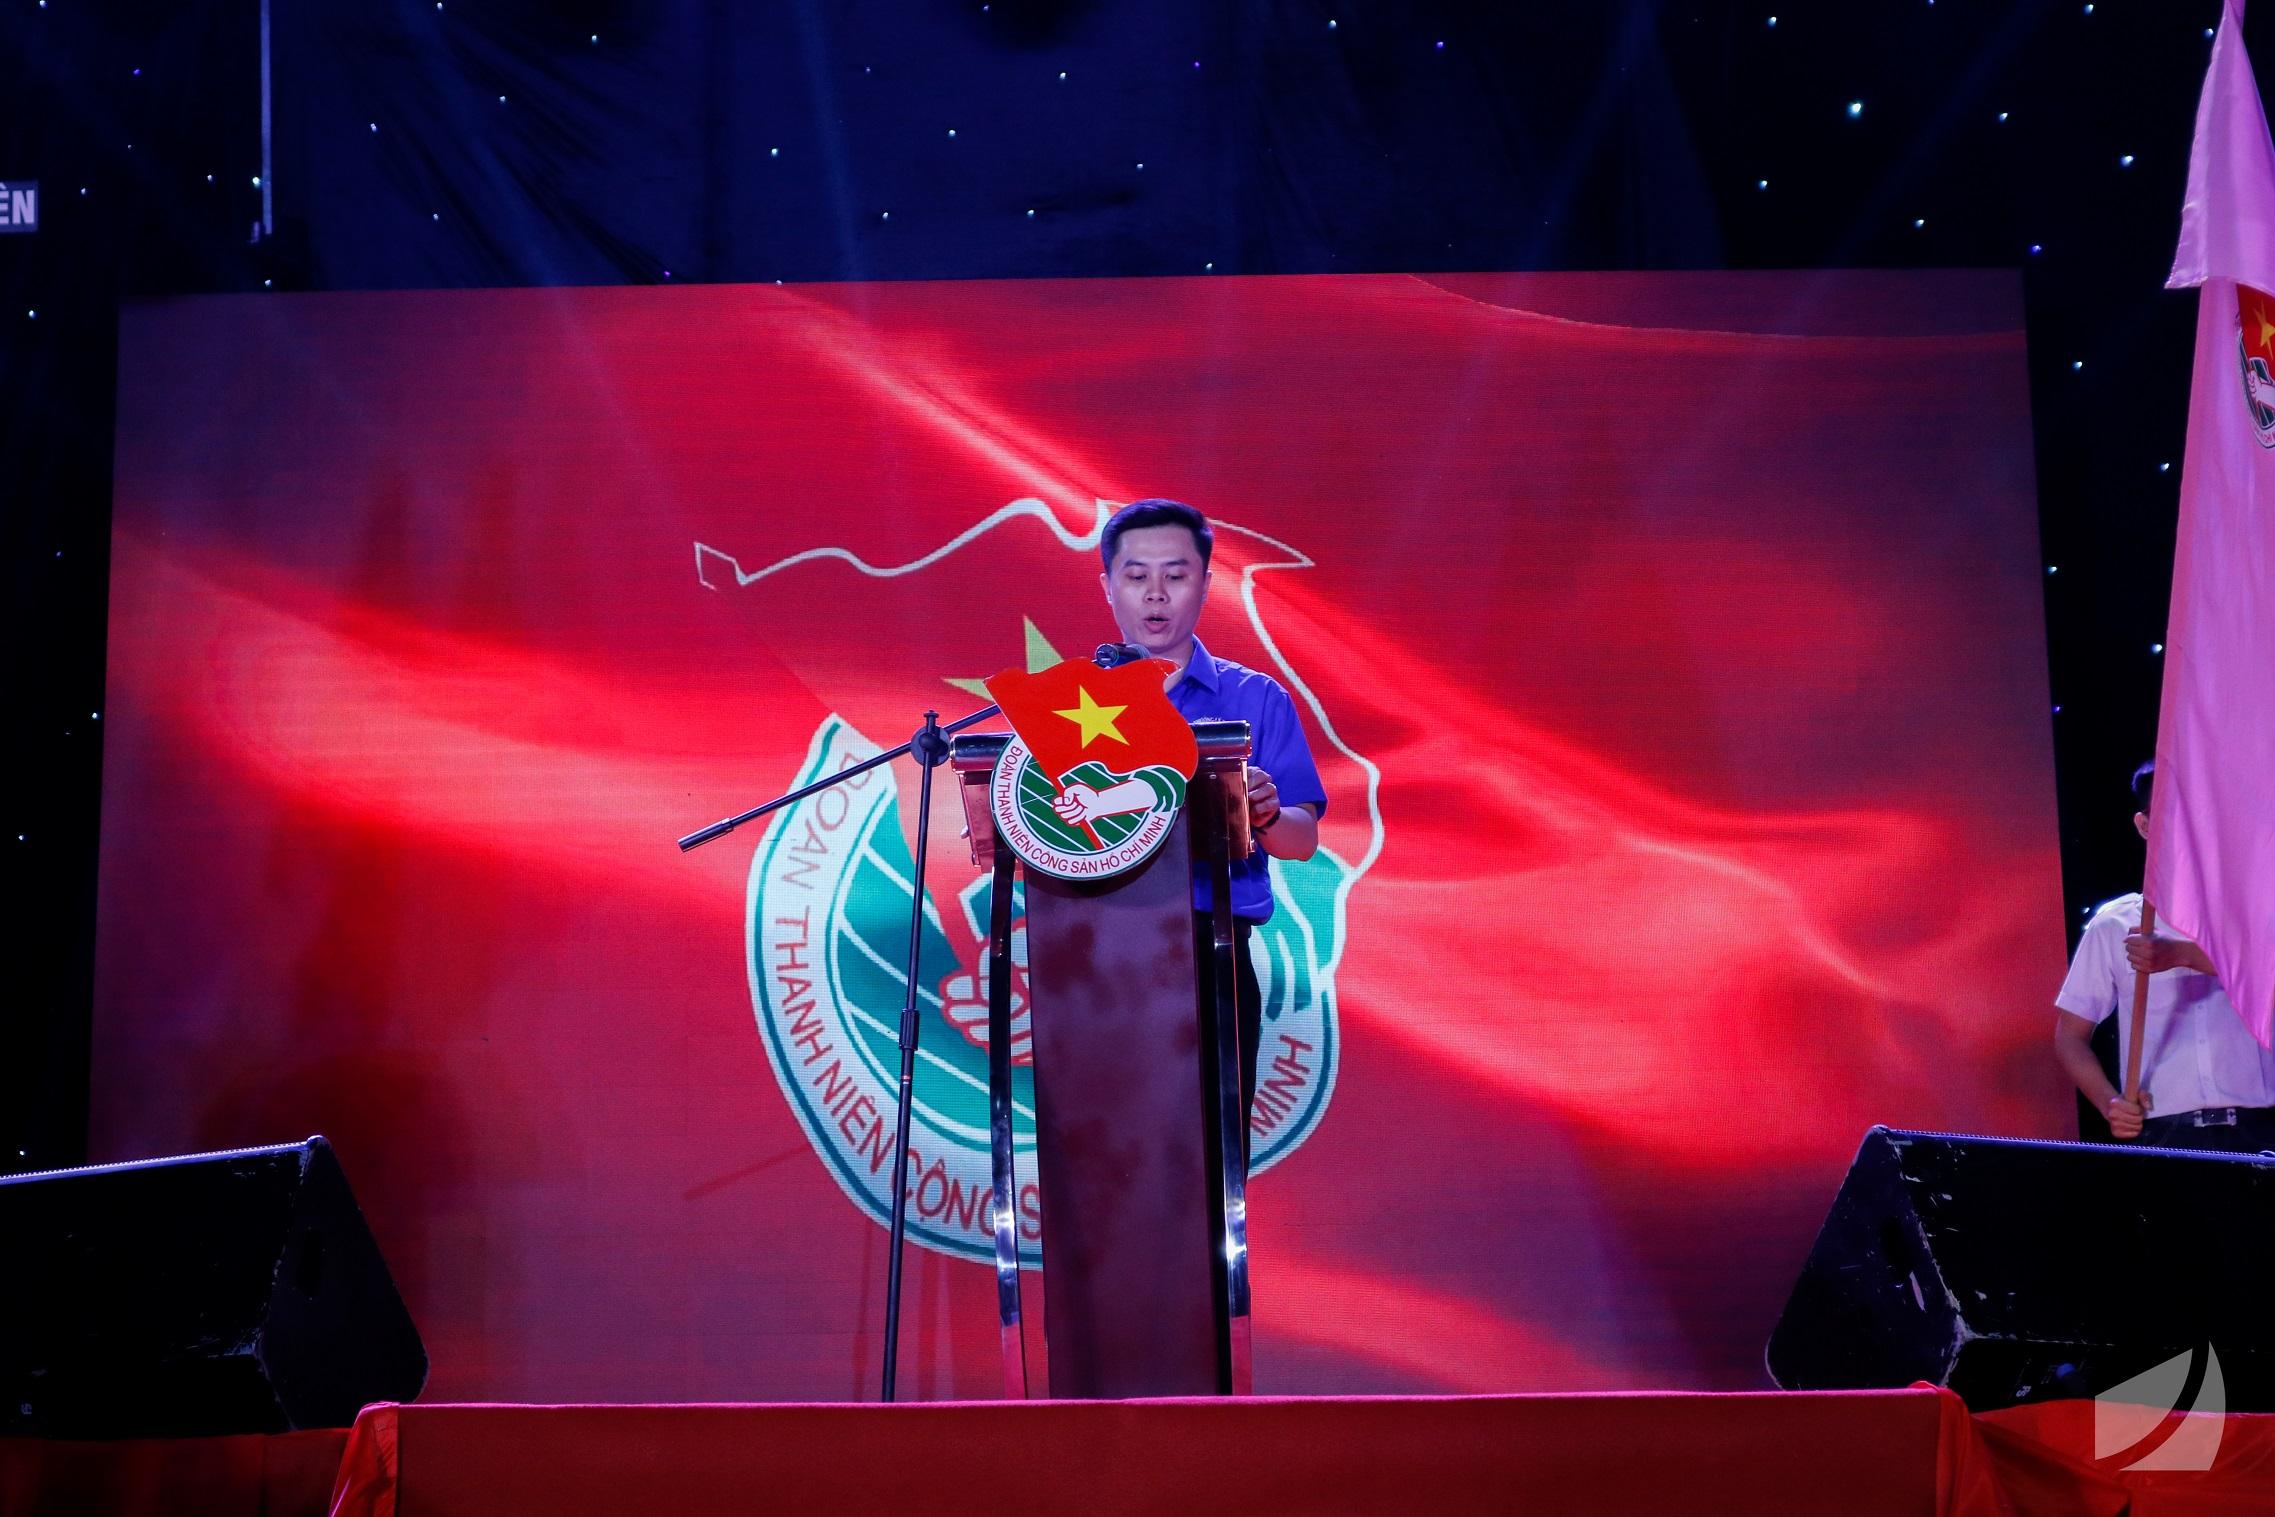 Đ/c Nguyễn Văn Tịnh - Bí thư Đoàn trường Đại học Khoa học Tự nhiên ôn lại lịch sử phát triển Đoàn trường